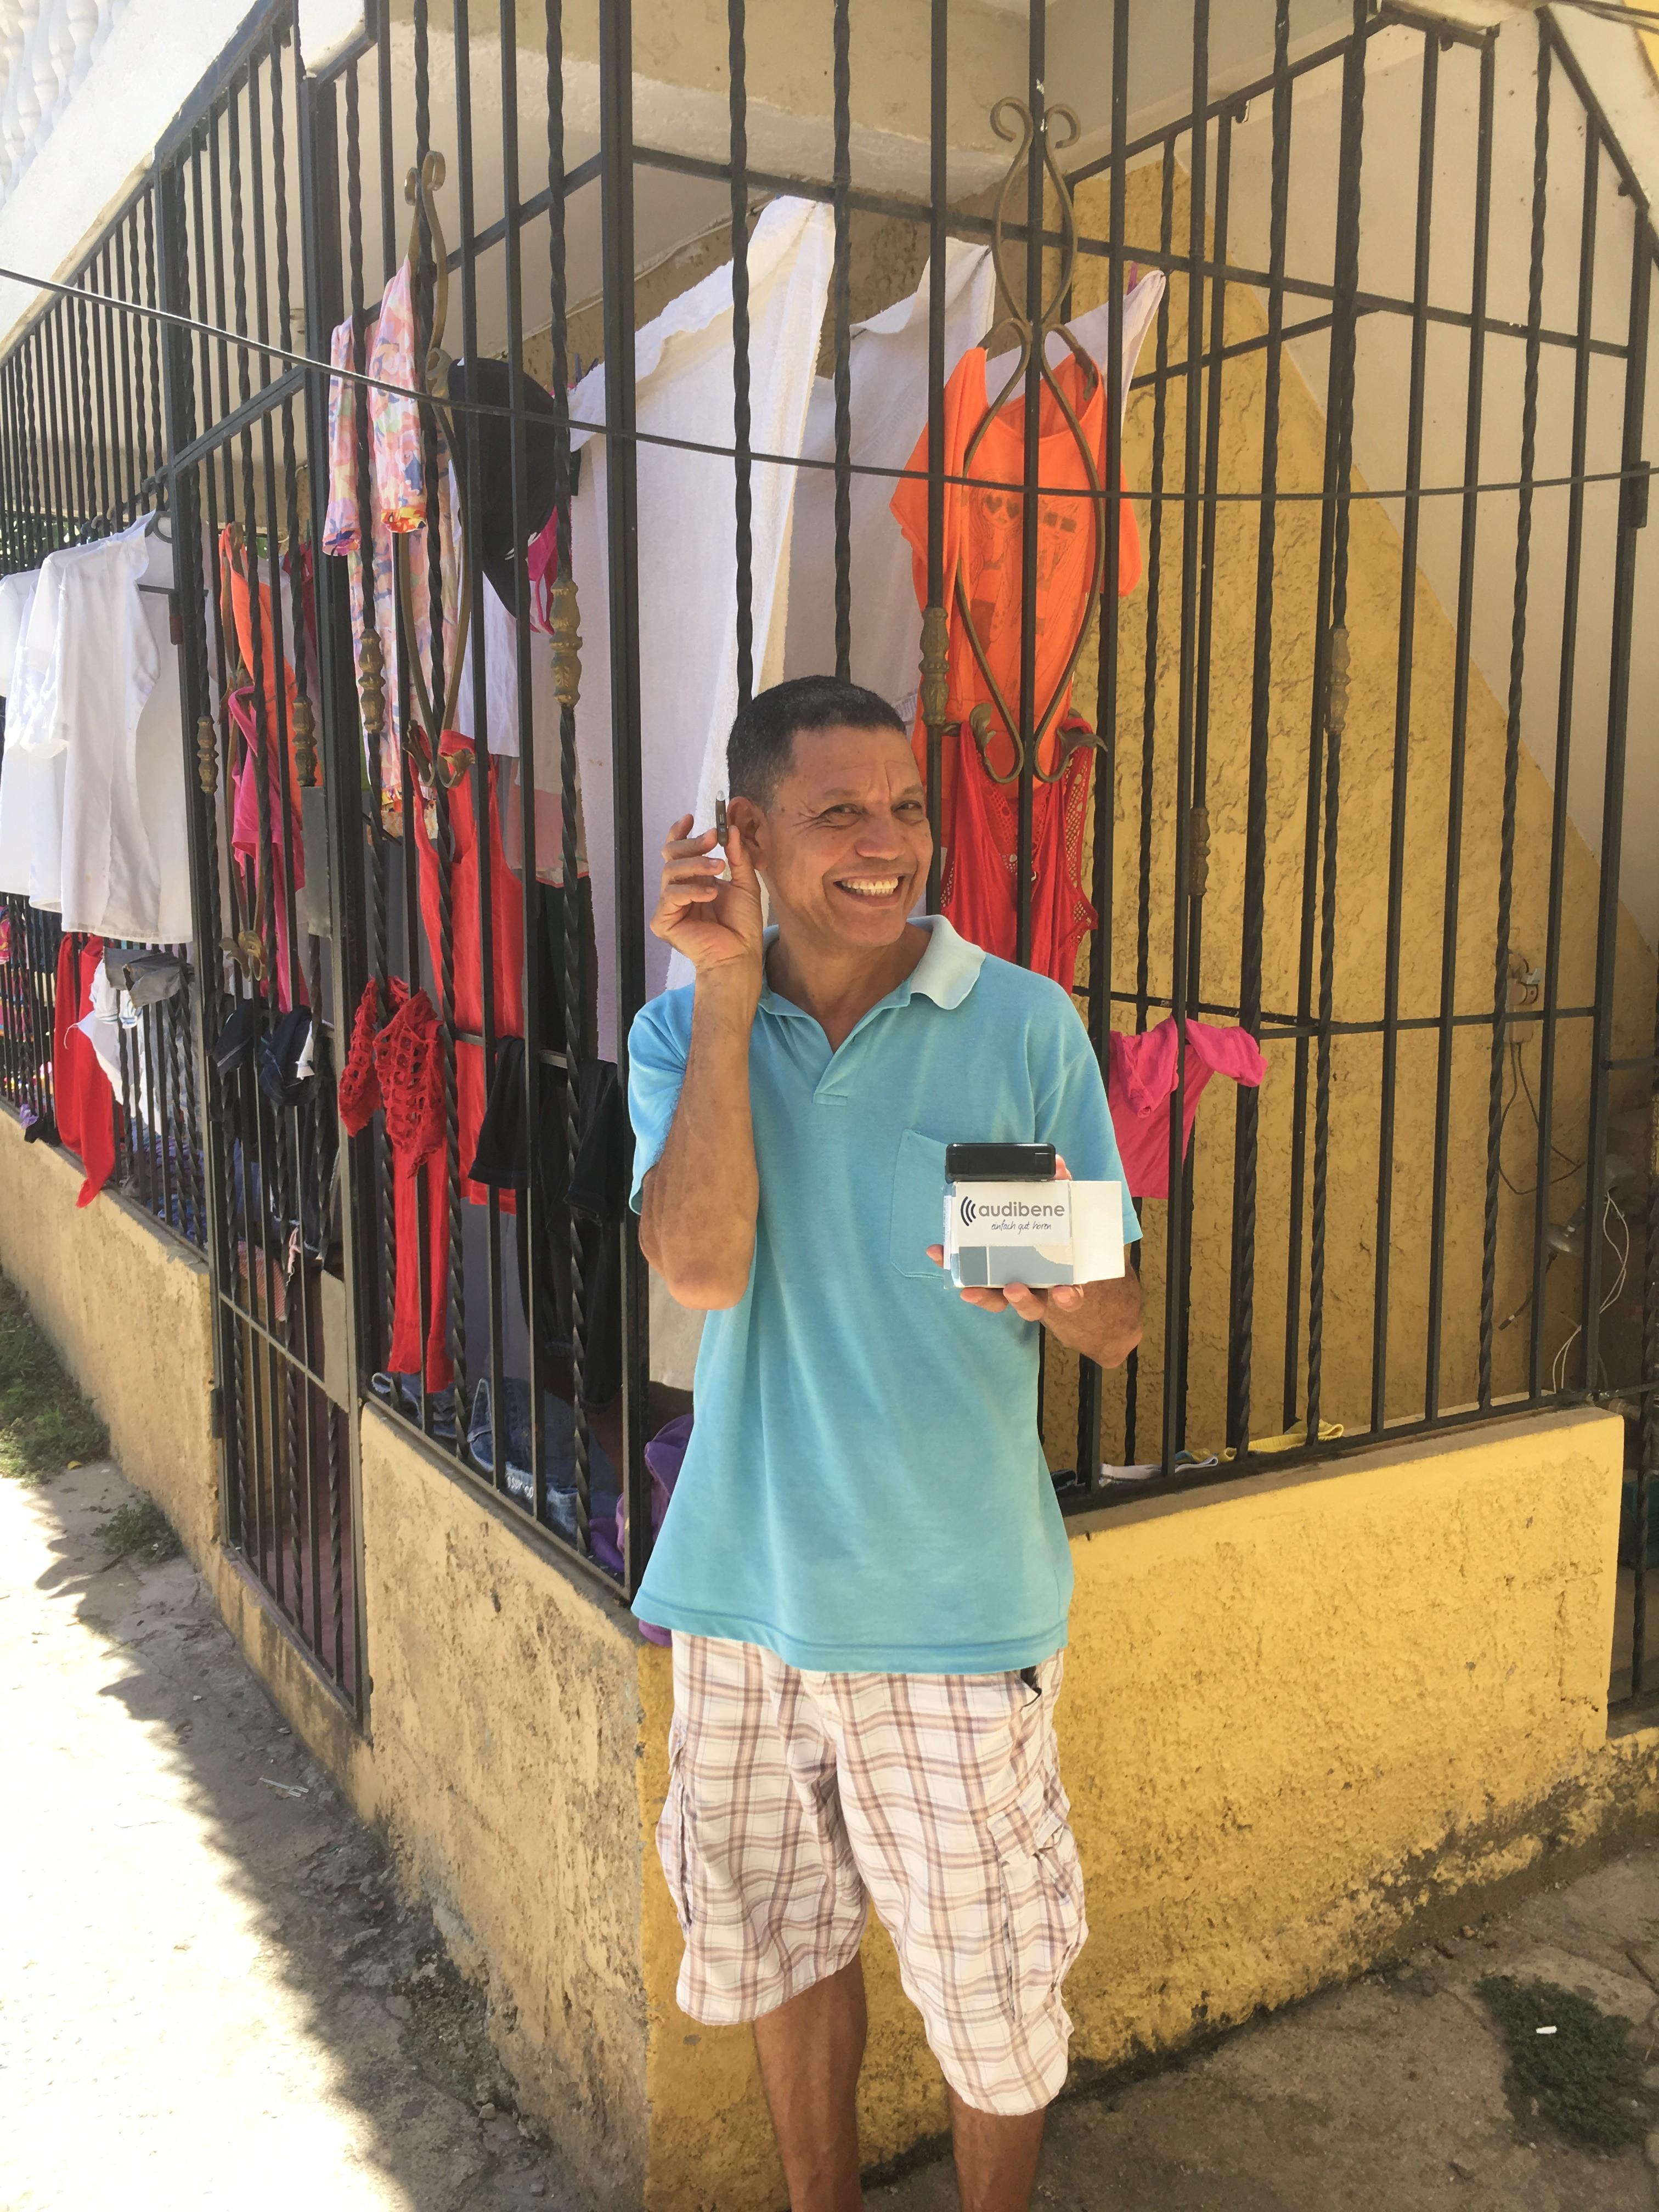 Hörgerätespende für Menschen in der Dominikanischen Republik ...